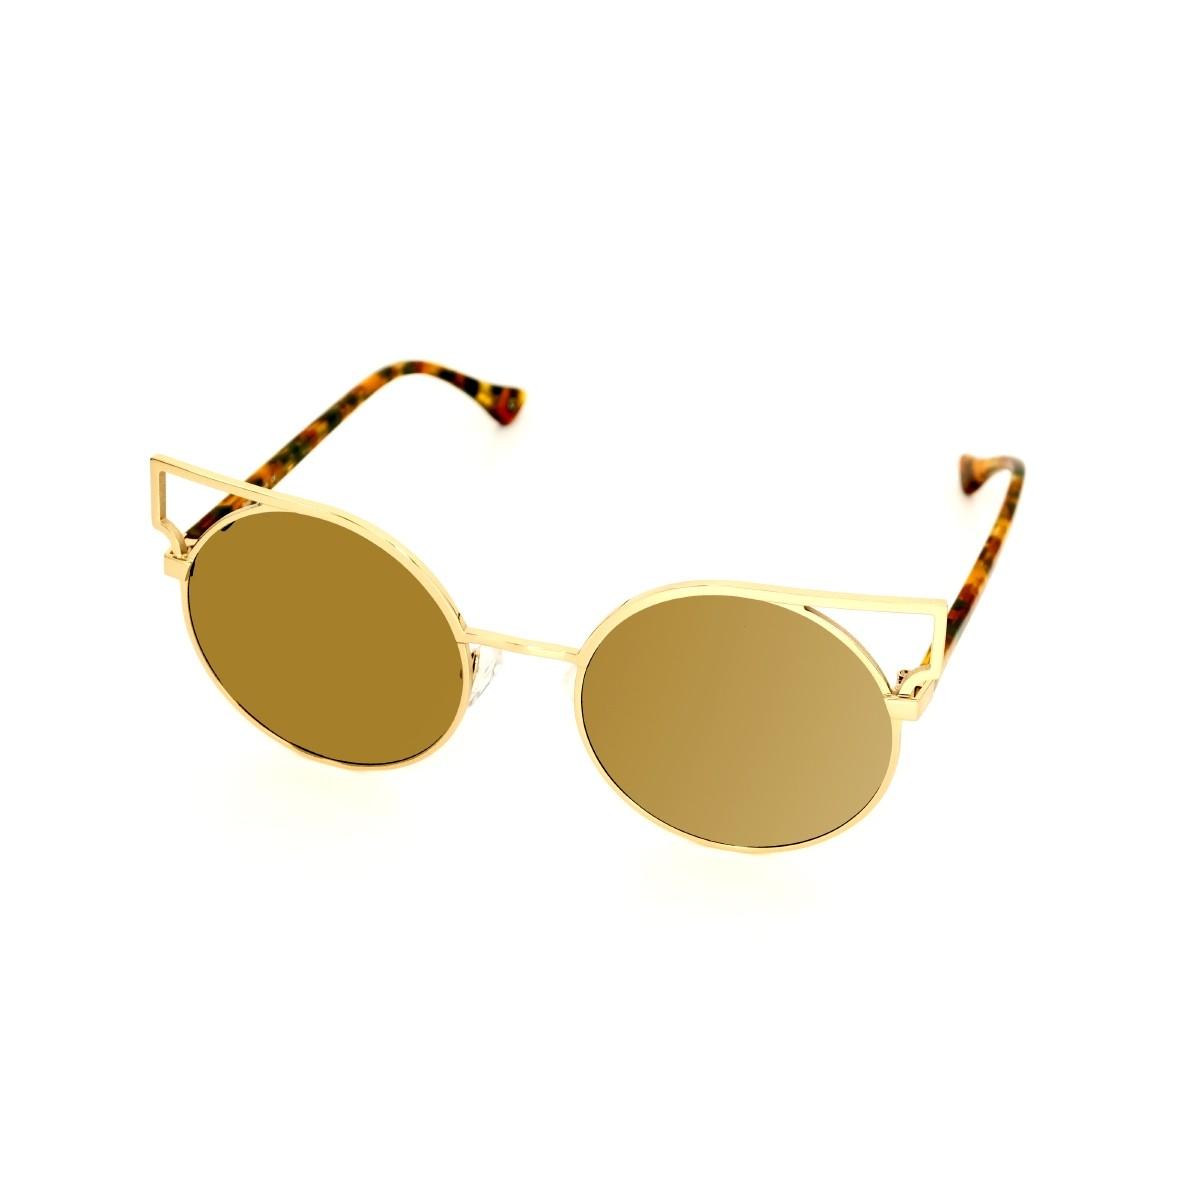 Vespa 1209 oro e light avana marrone verde 02, 145,00€, Occhiali Vespa Oro a forma Rotondo